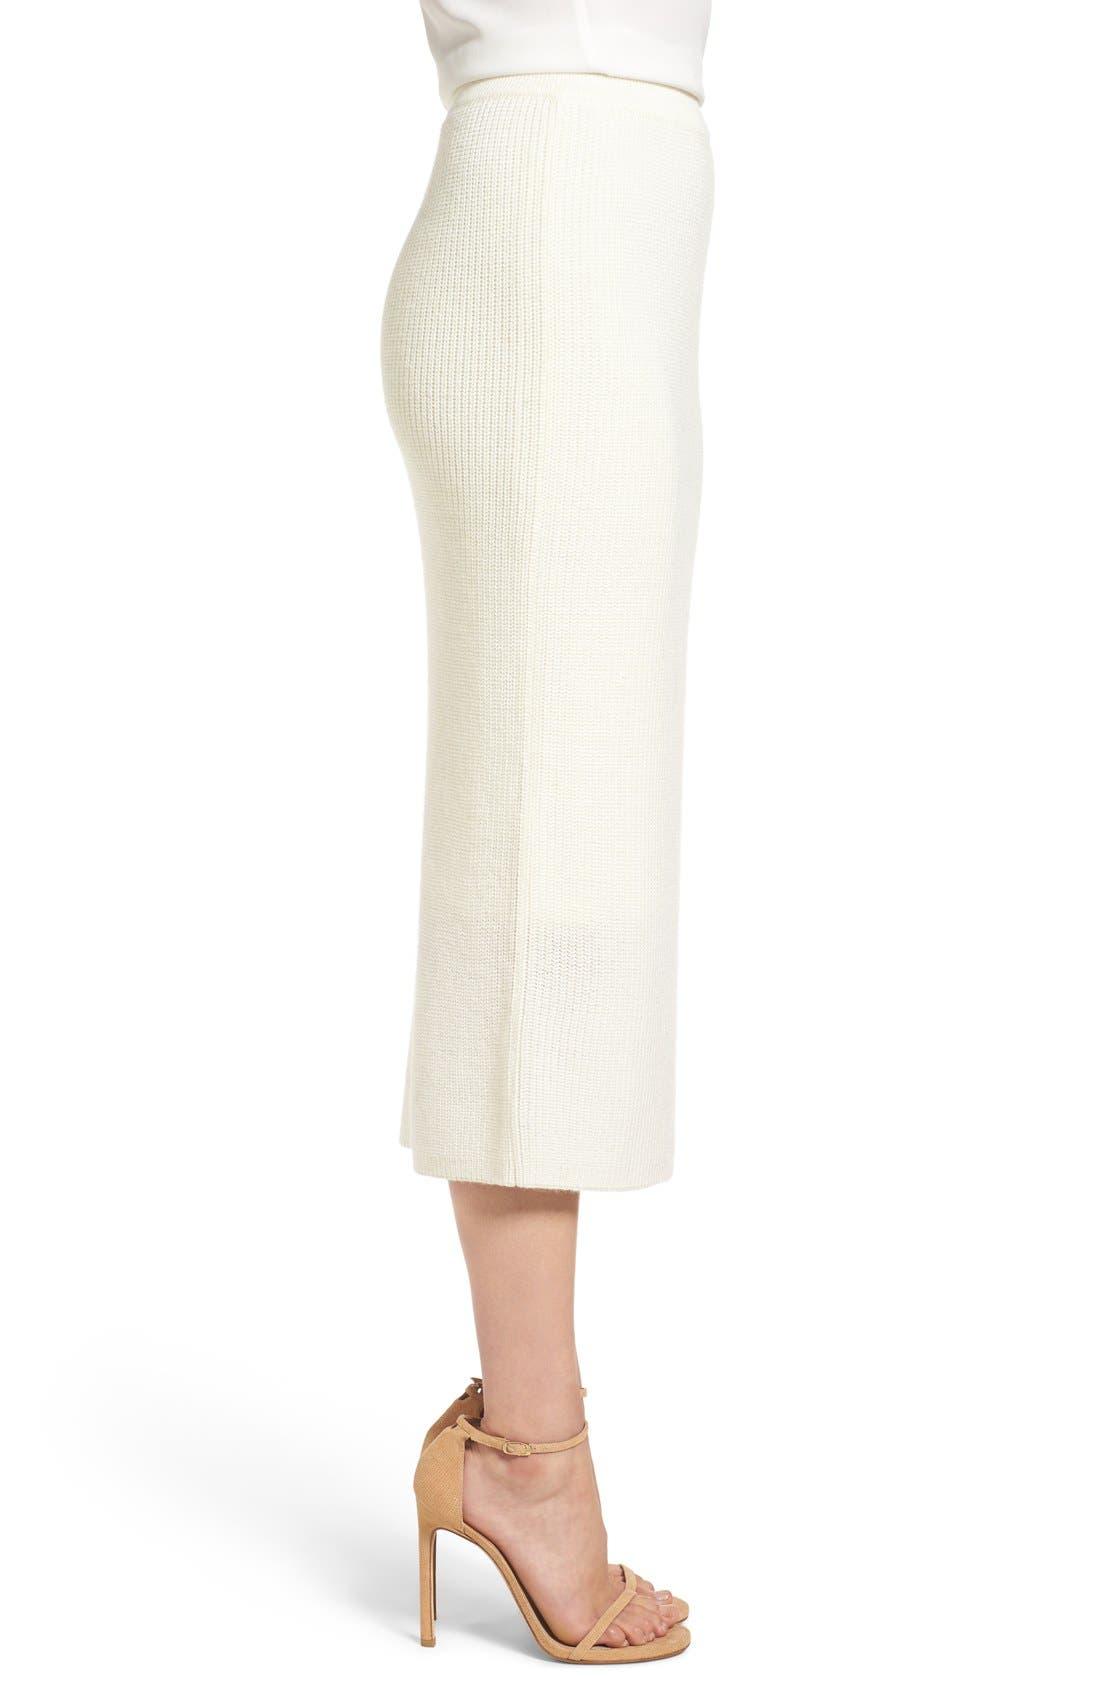 by Lauren Conrad 'Copenhagen' Knit Tube Skirt,                             Alternate thumbnail 3, color,                             100